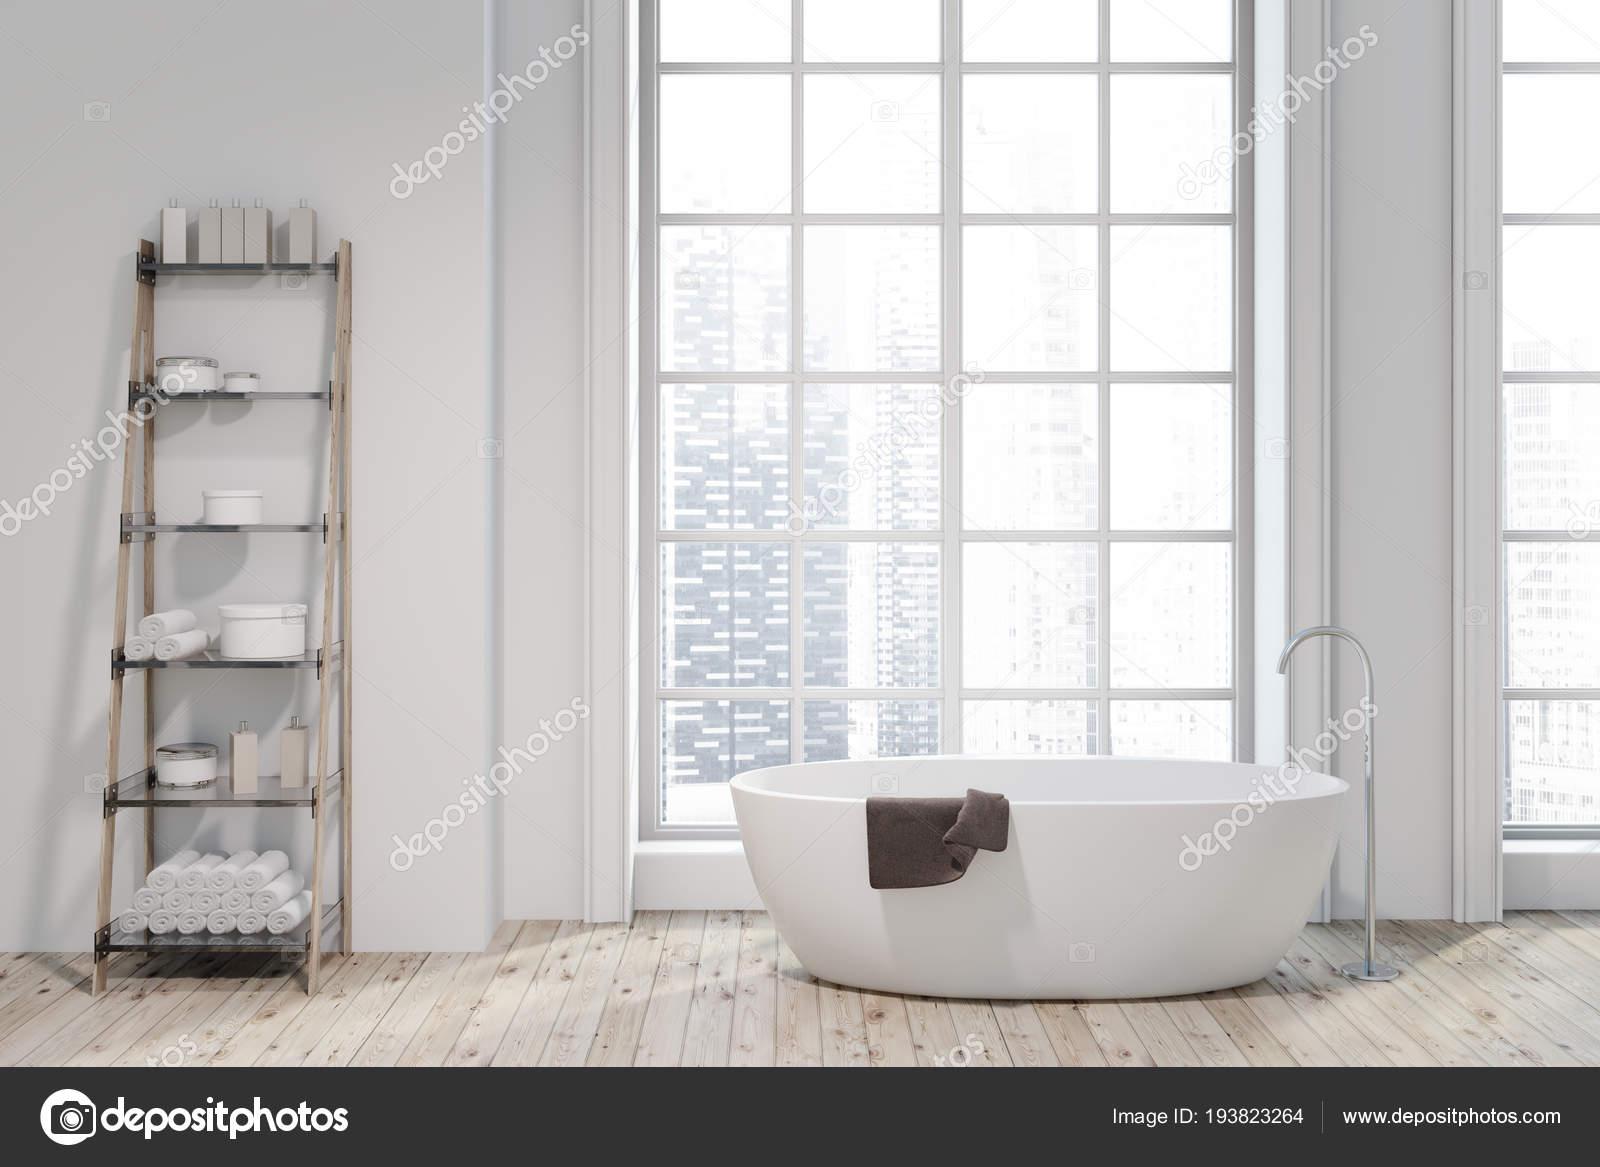 Loft badkamer interieur met een witte badkuip met planken ernaast